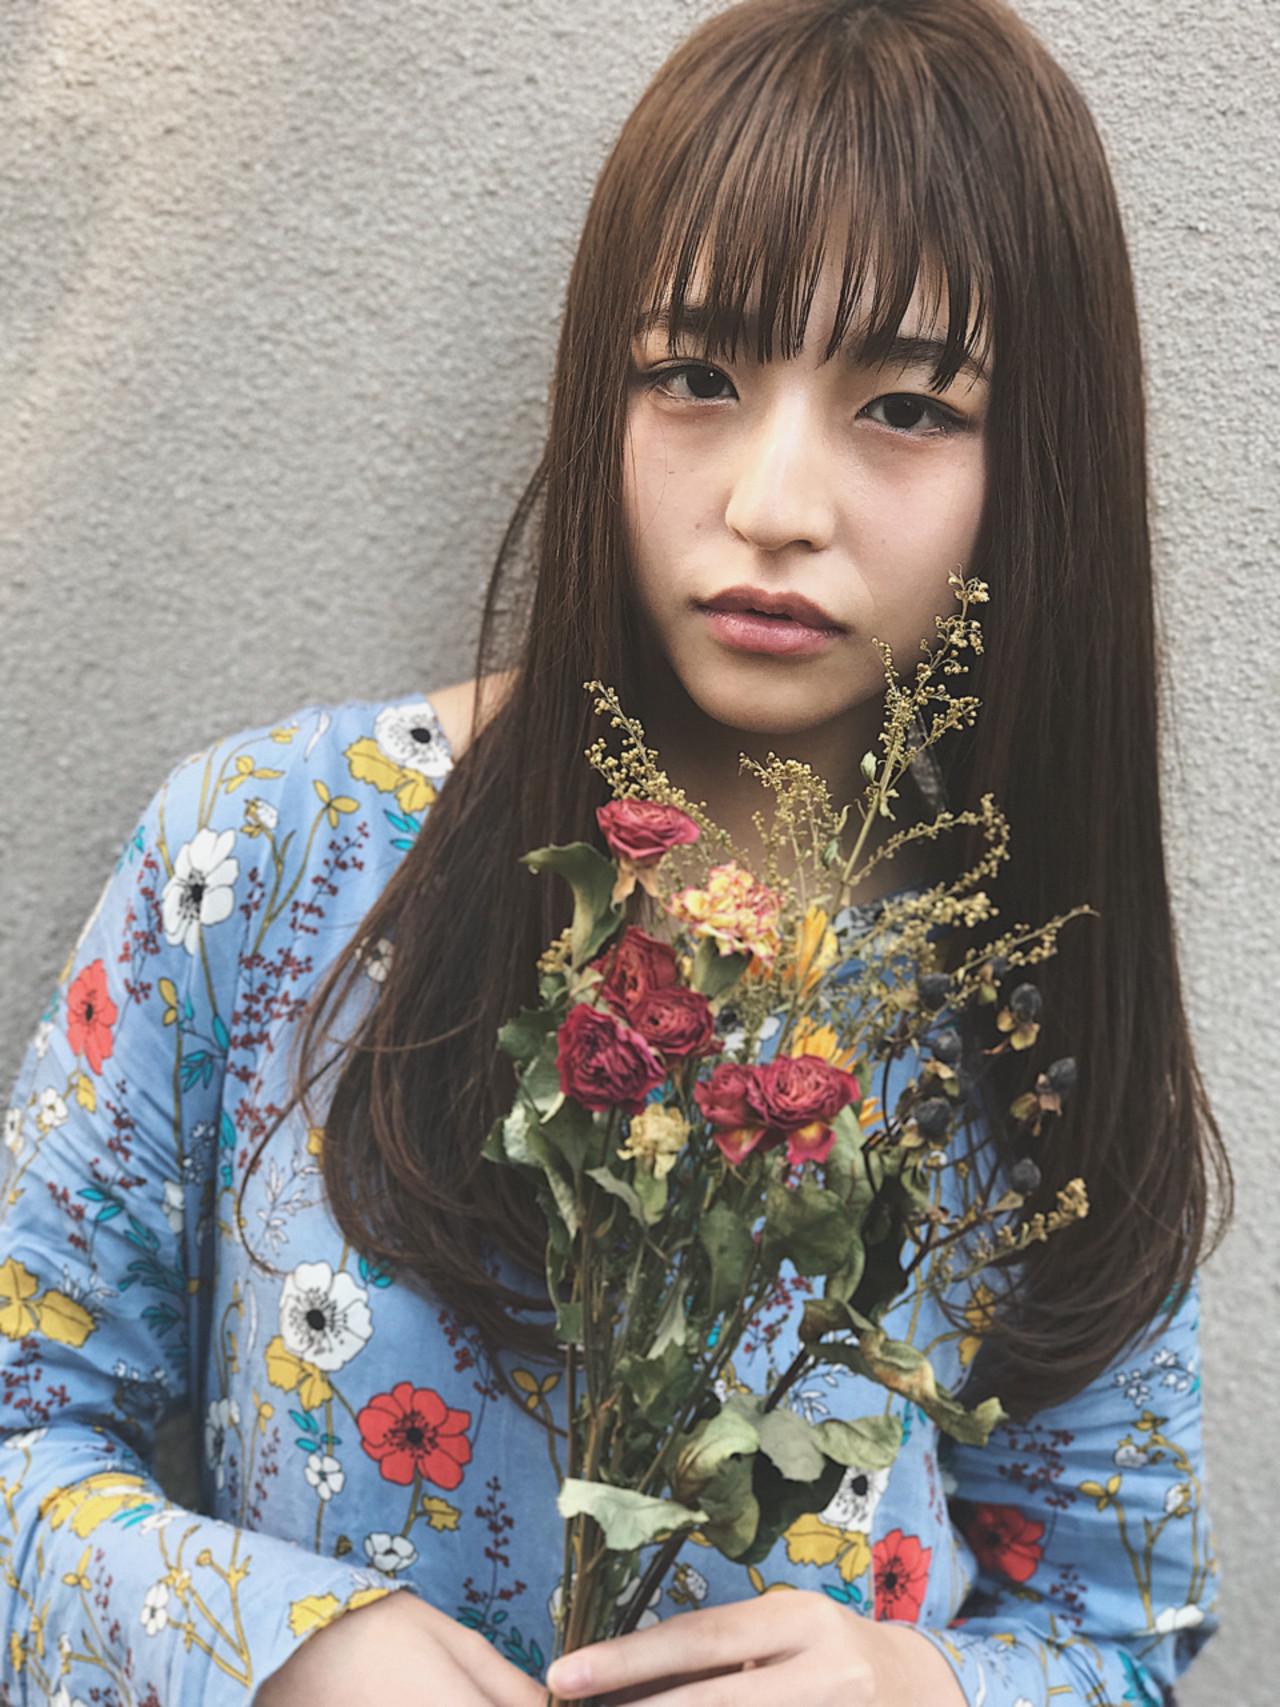 シースルーバングのこなれ今っぽロングヘア Natsuko Kodama